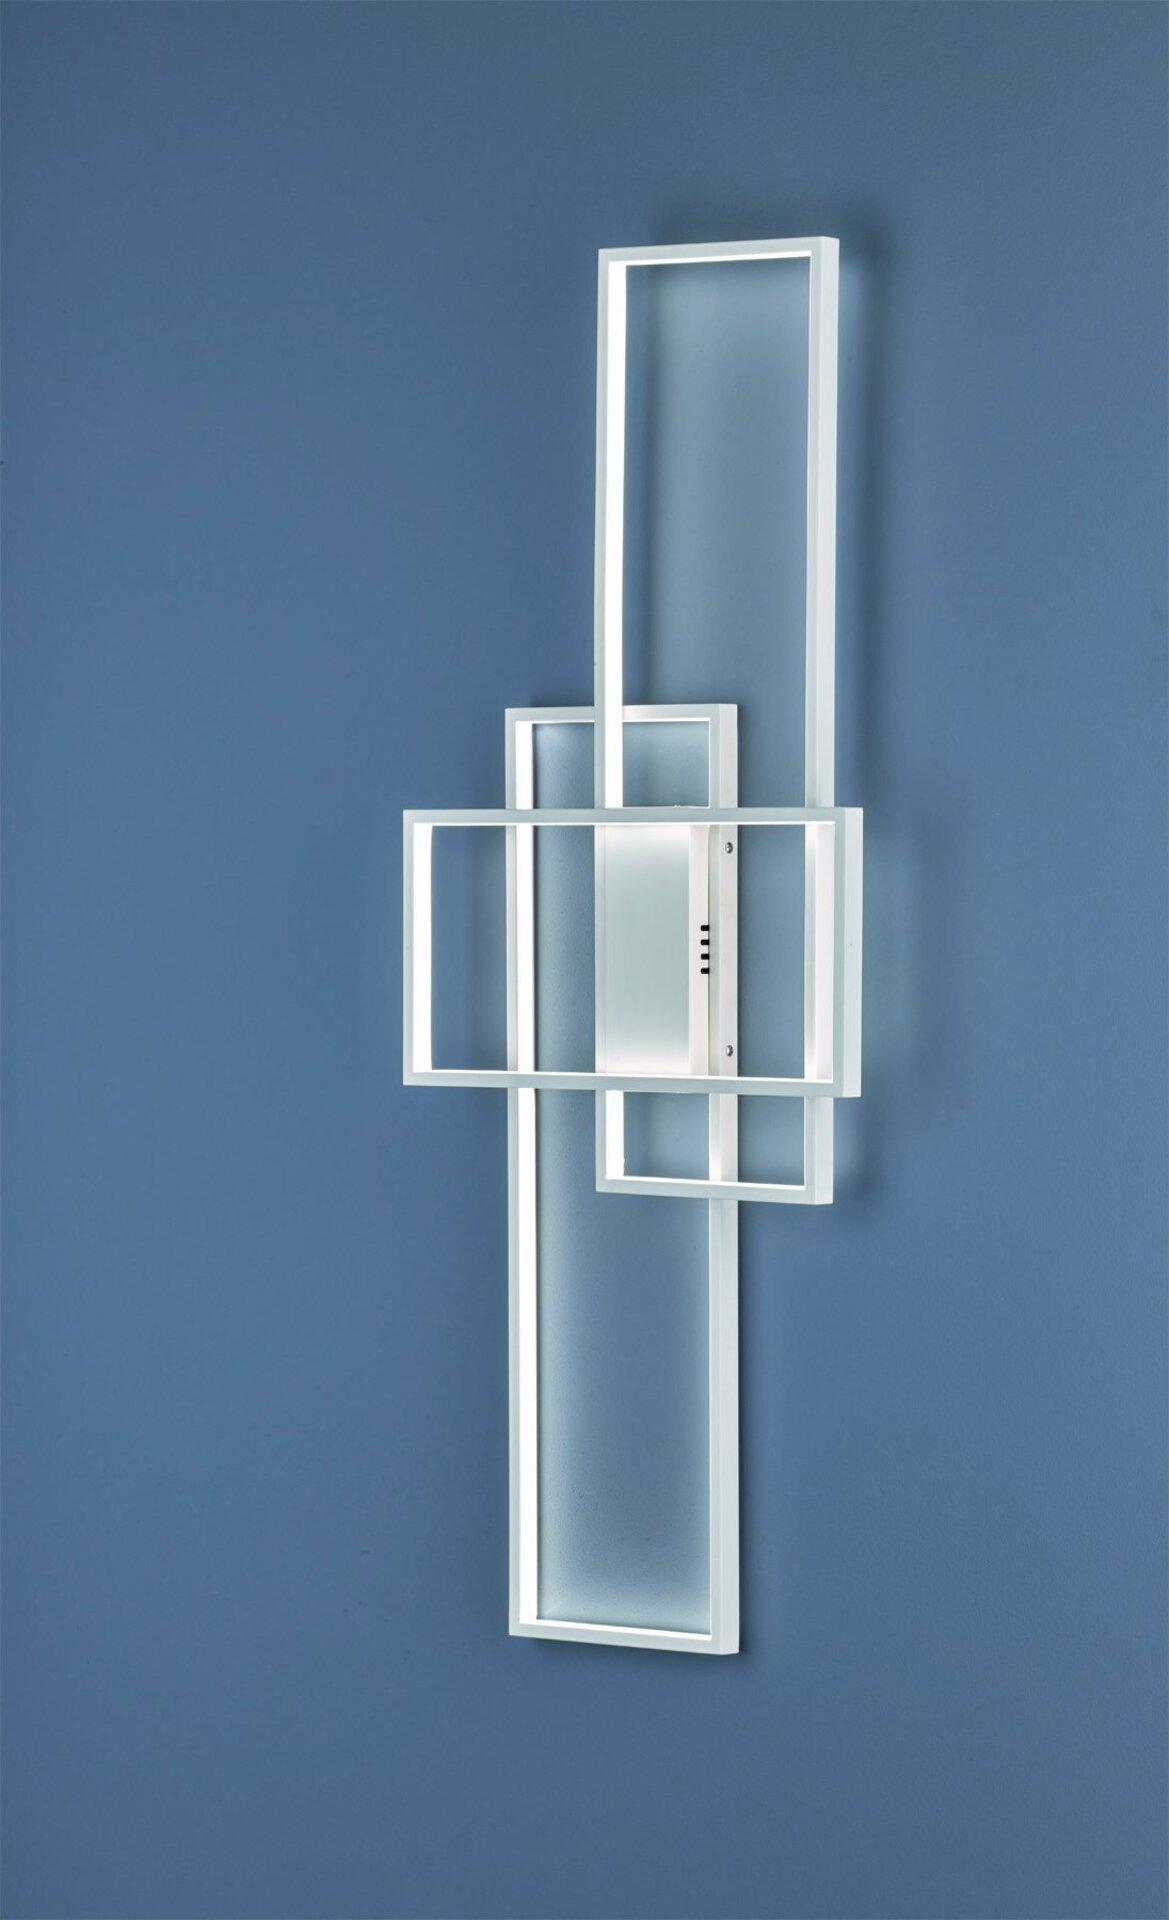 Deckenleuchte Tucson Trio Leuchten Metall 42 x 104 cm